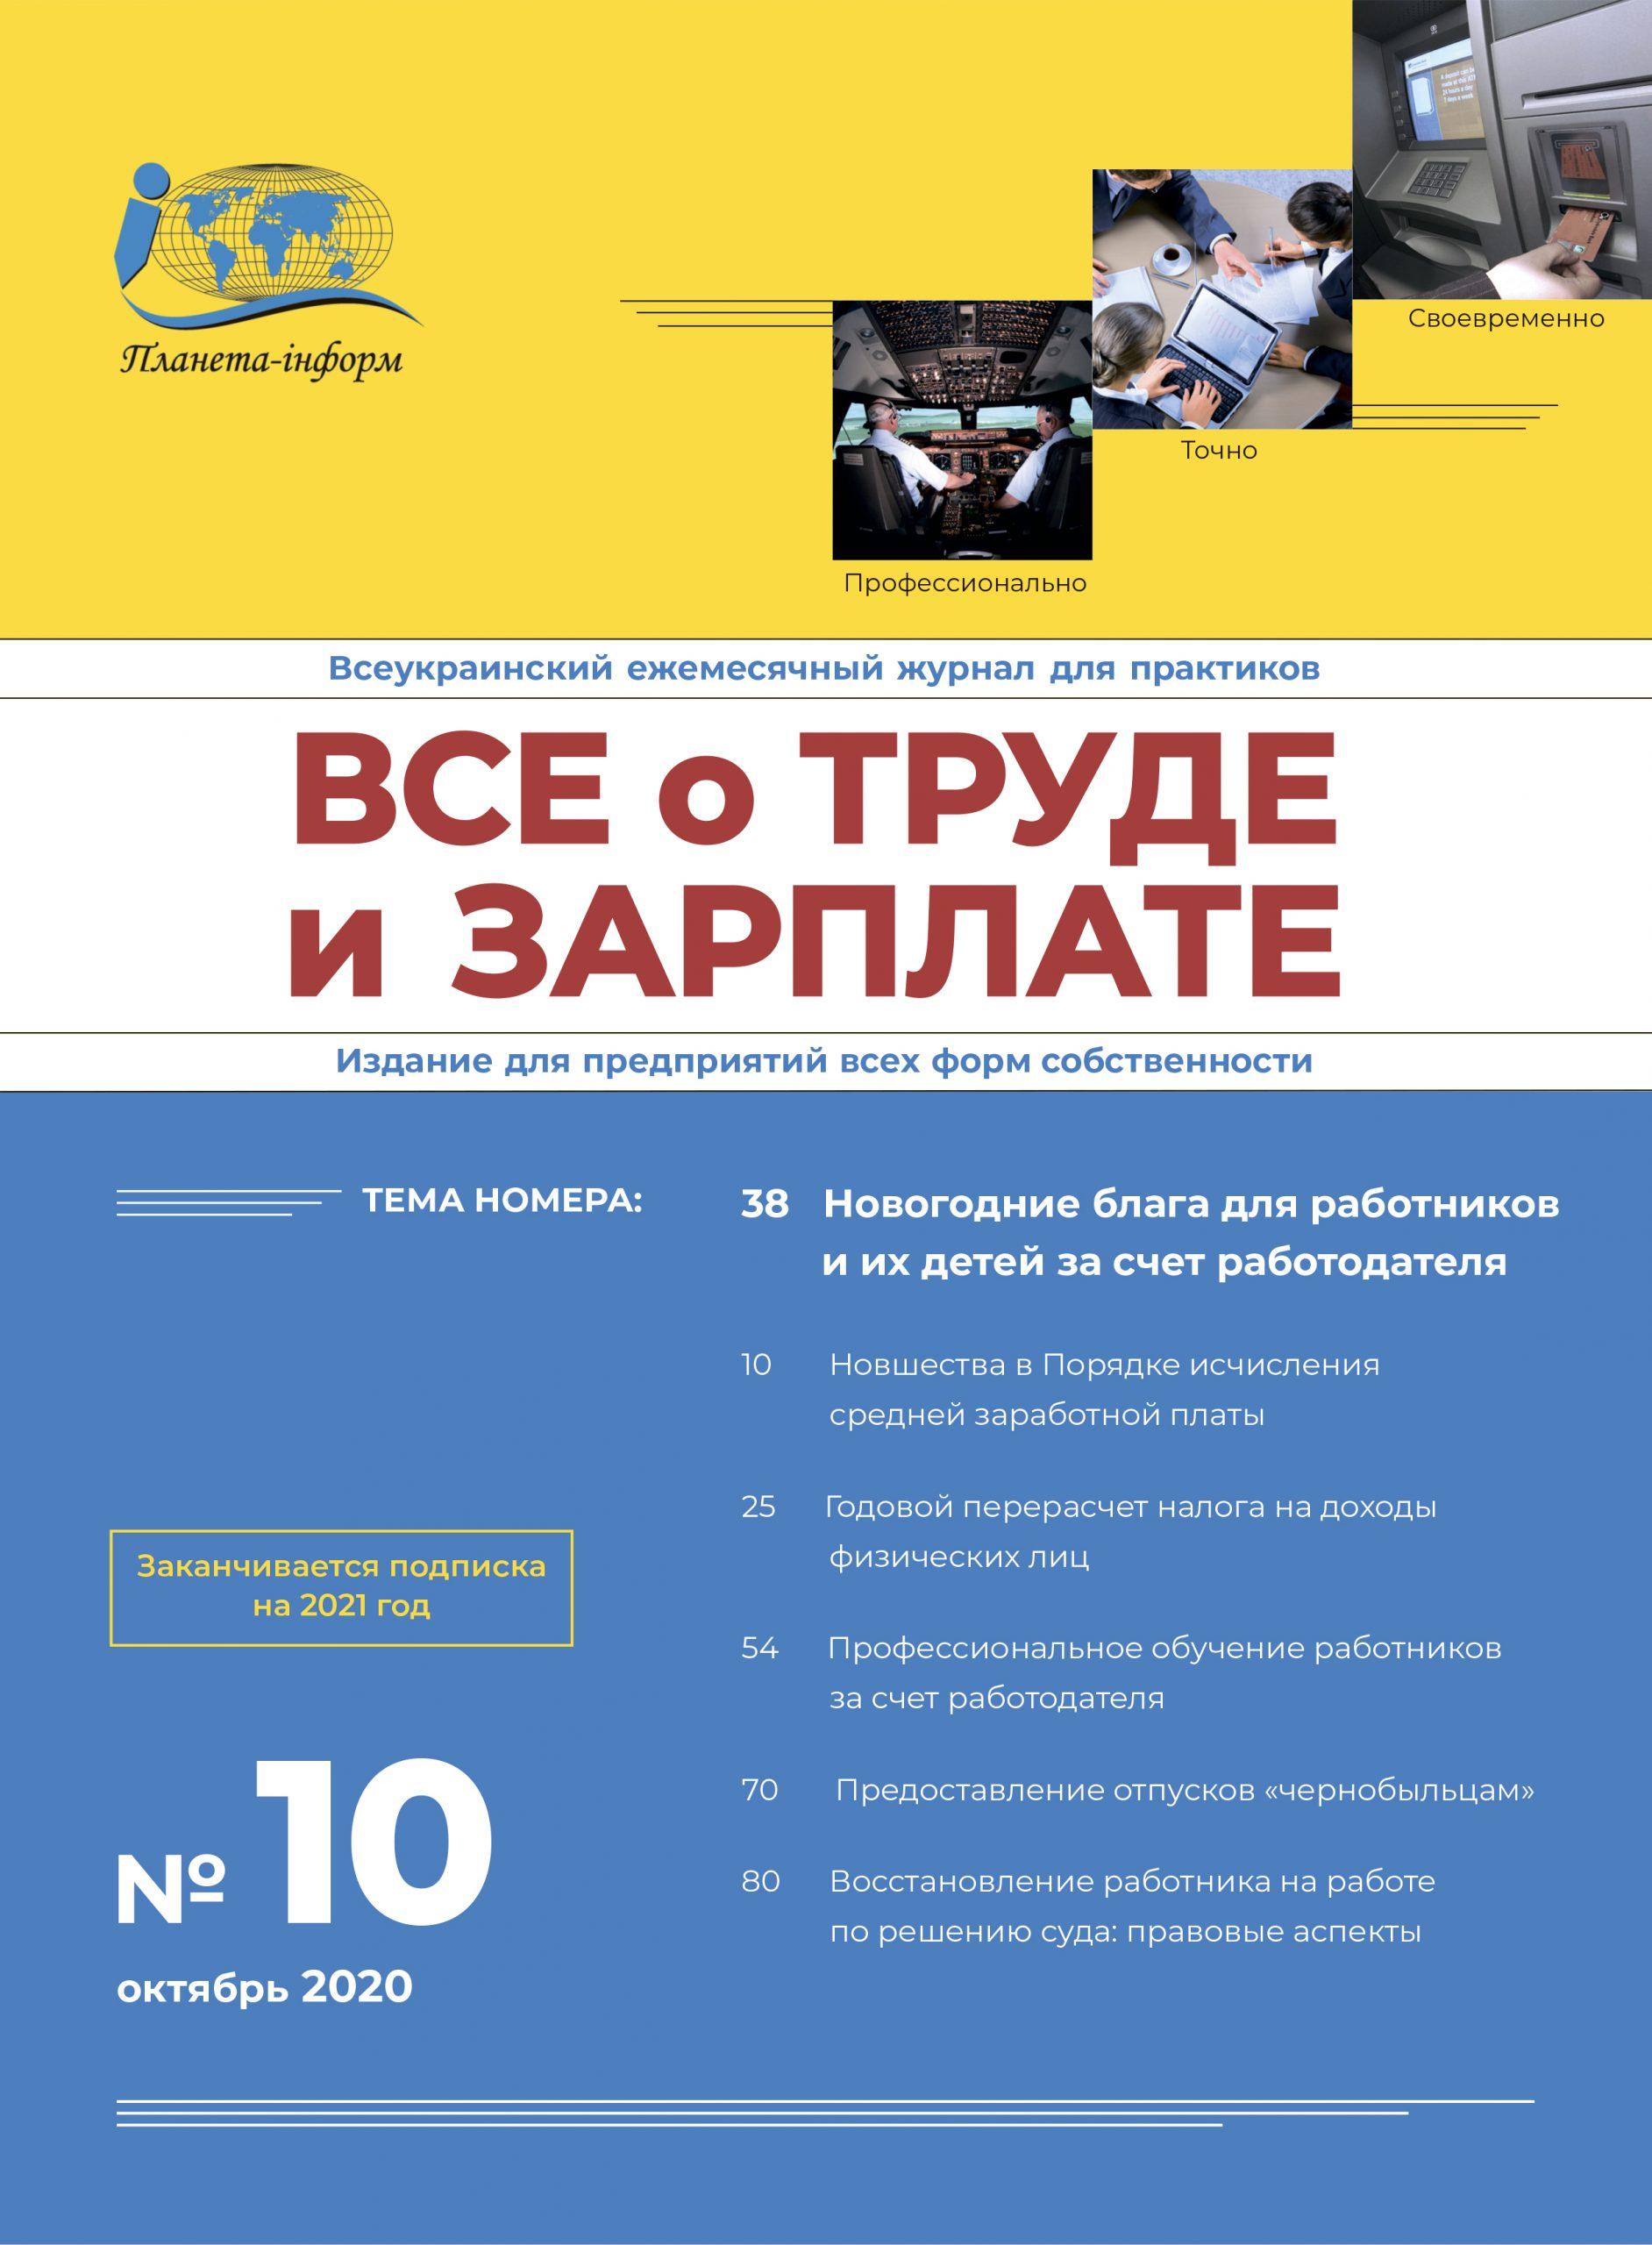 Журнал «Все о труде и зарплате» № 10/2020